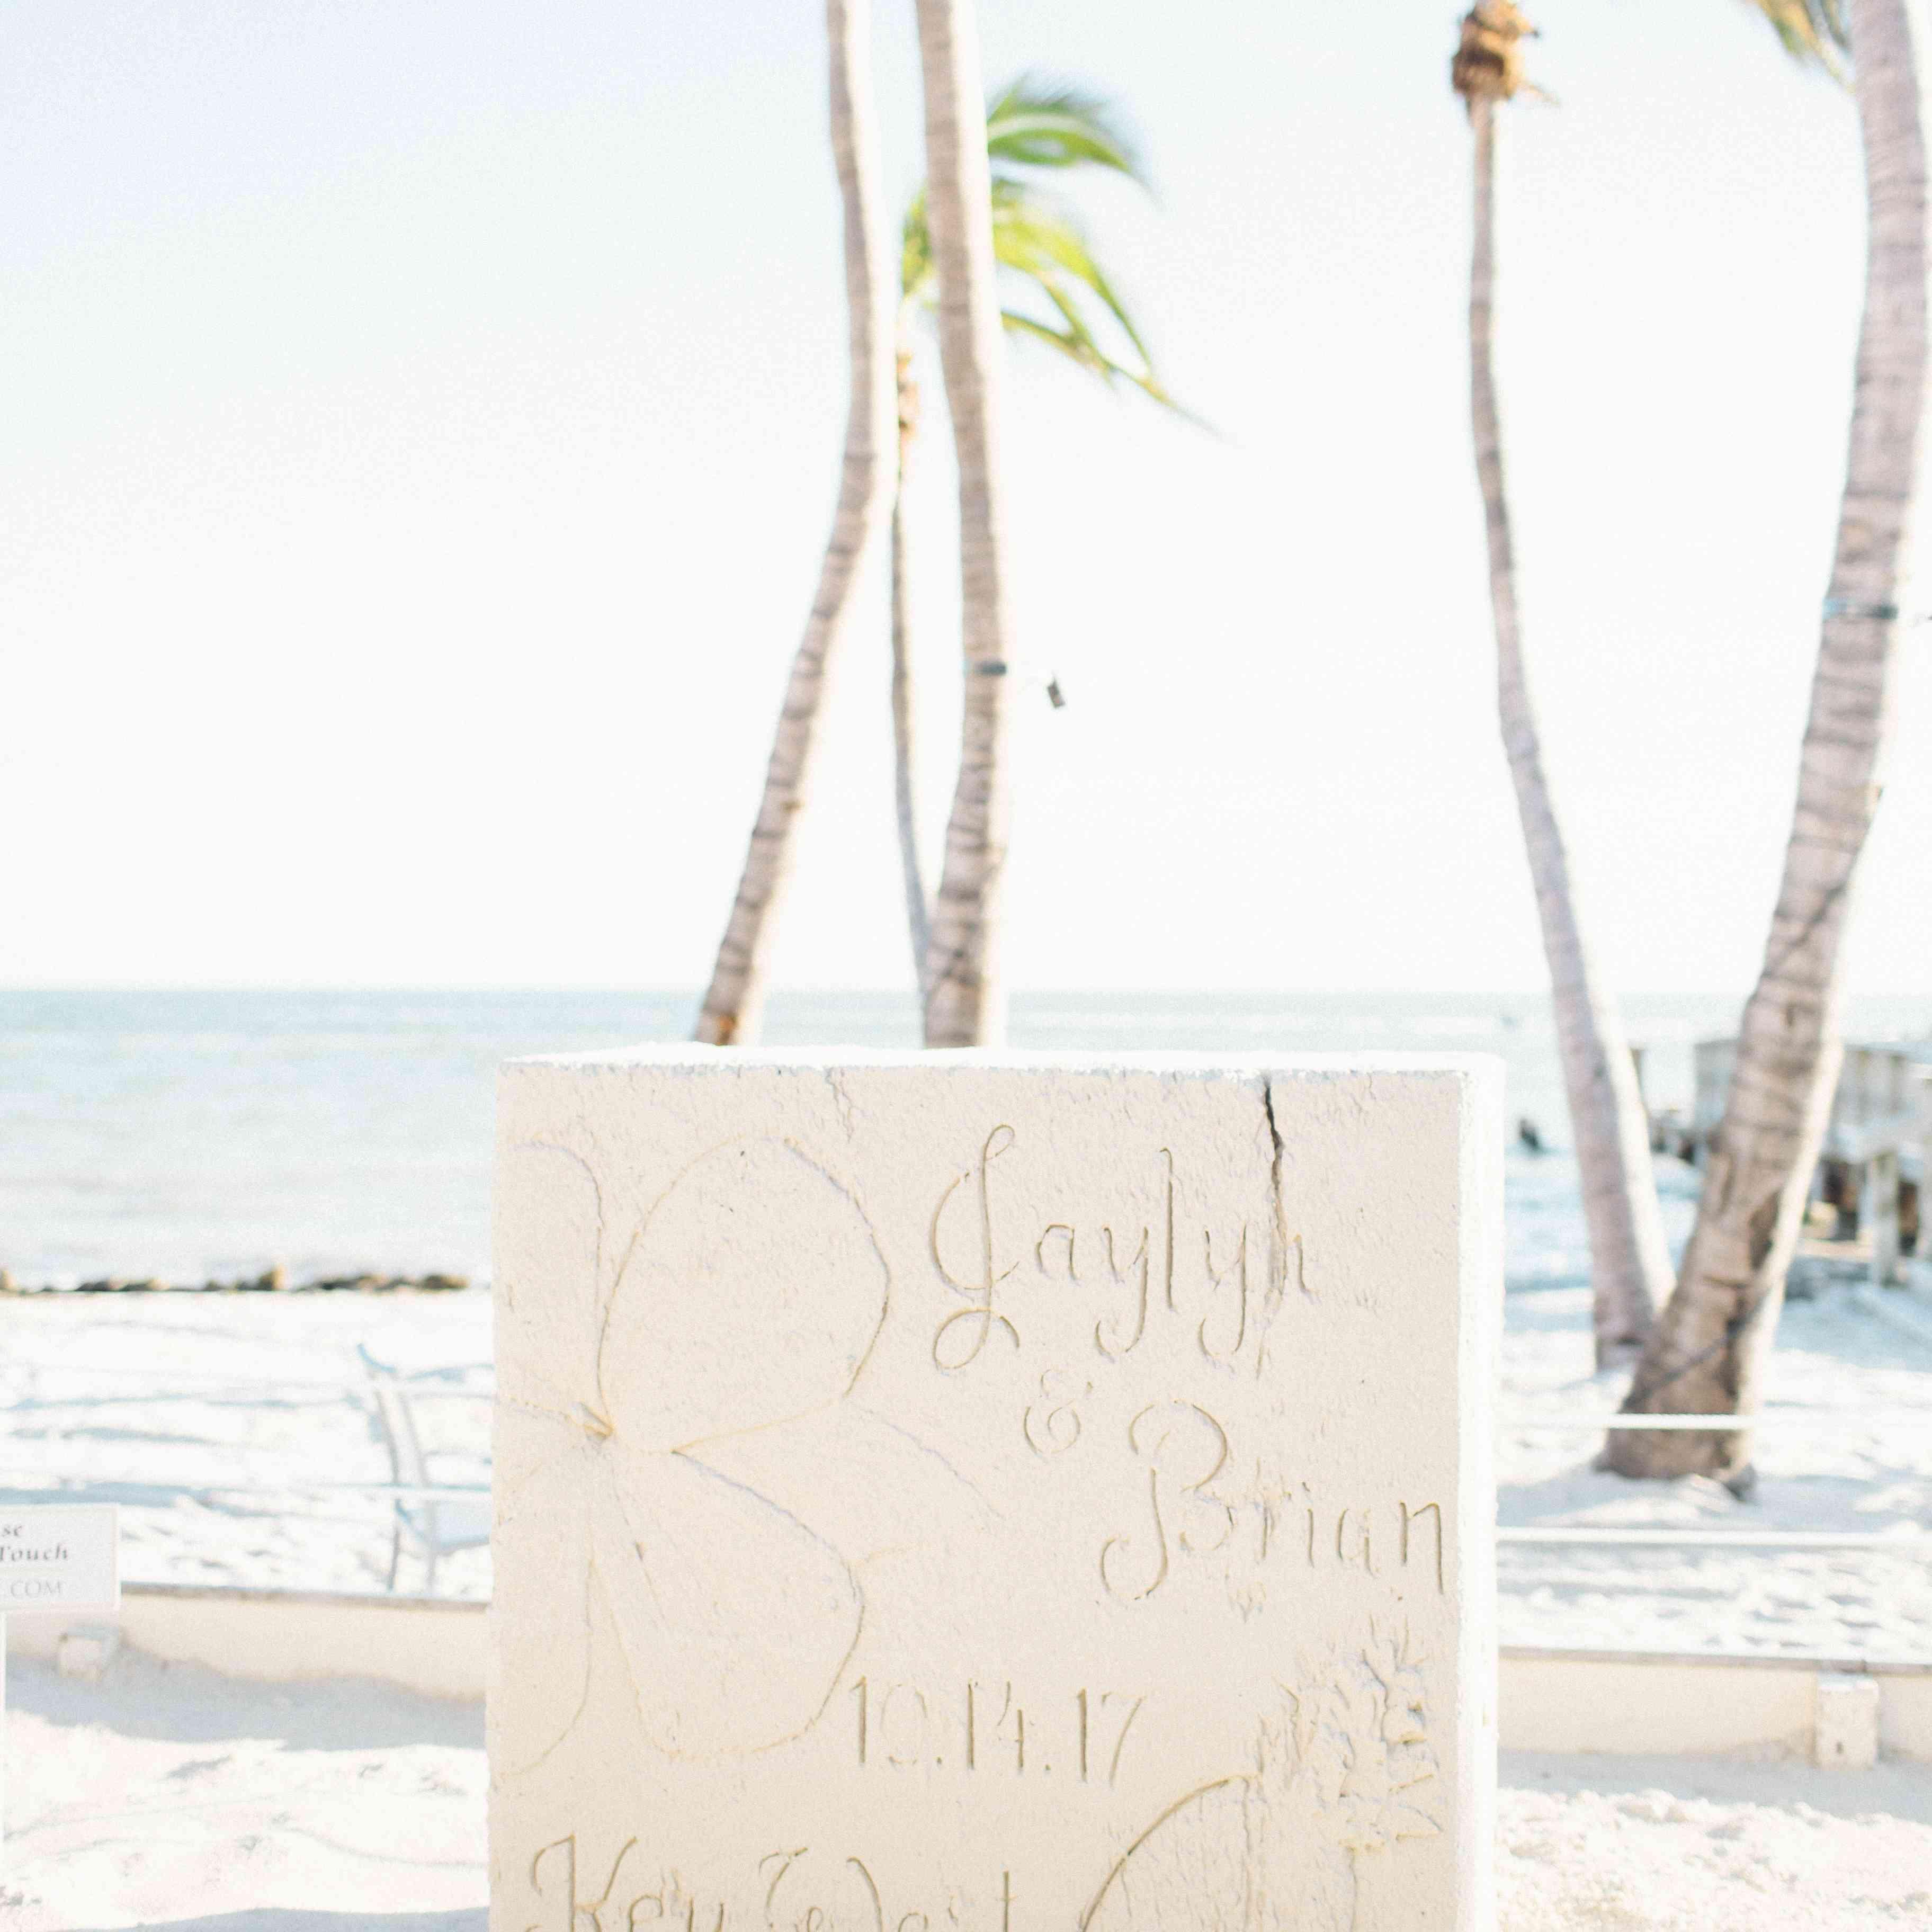 Calligraphy wedding sign